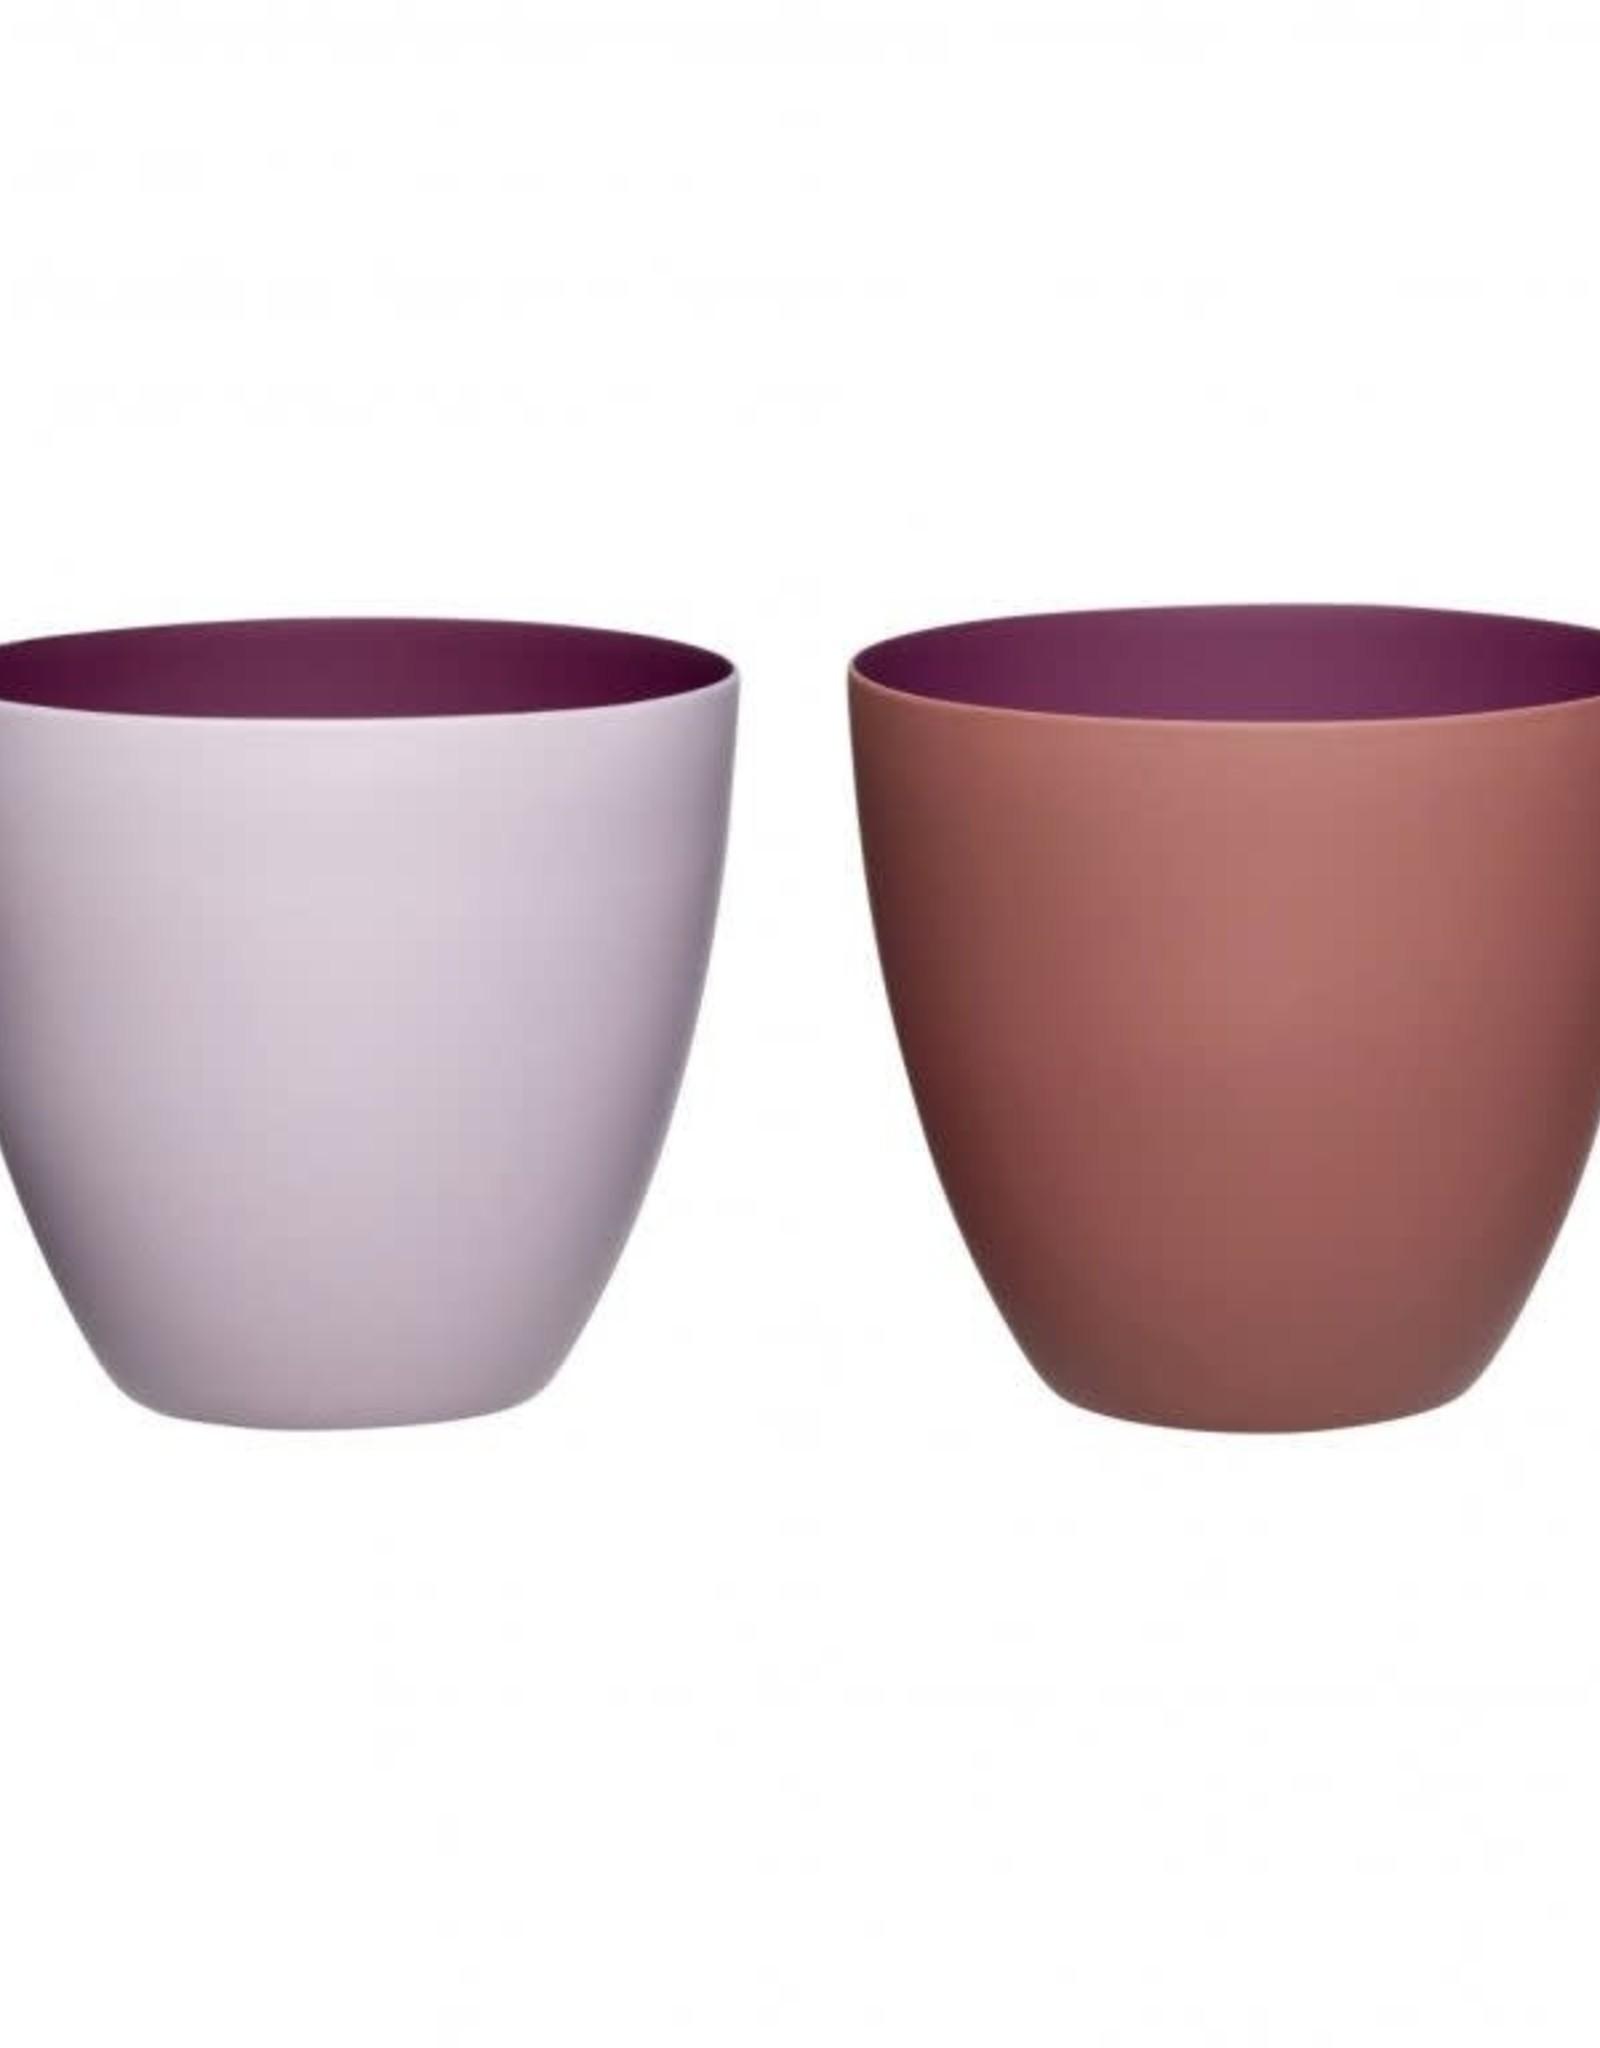 Hübsch Hübsch Tealight Holder Porcelain Bordeaux/Pink